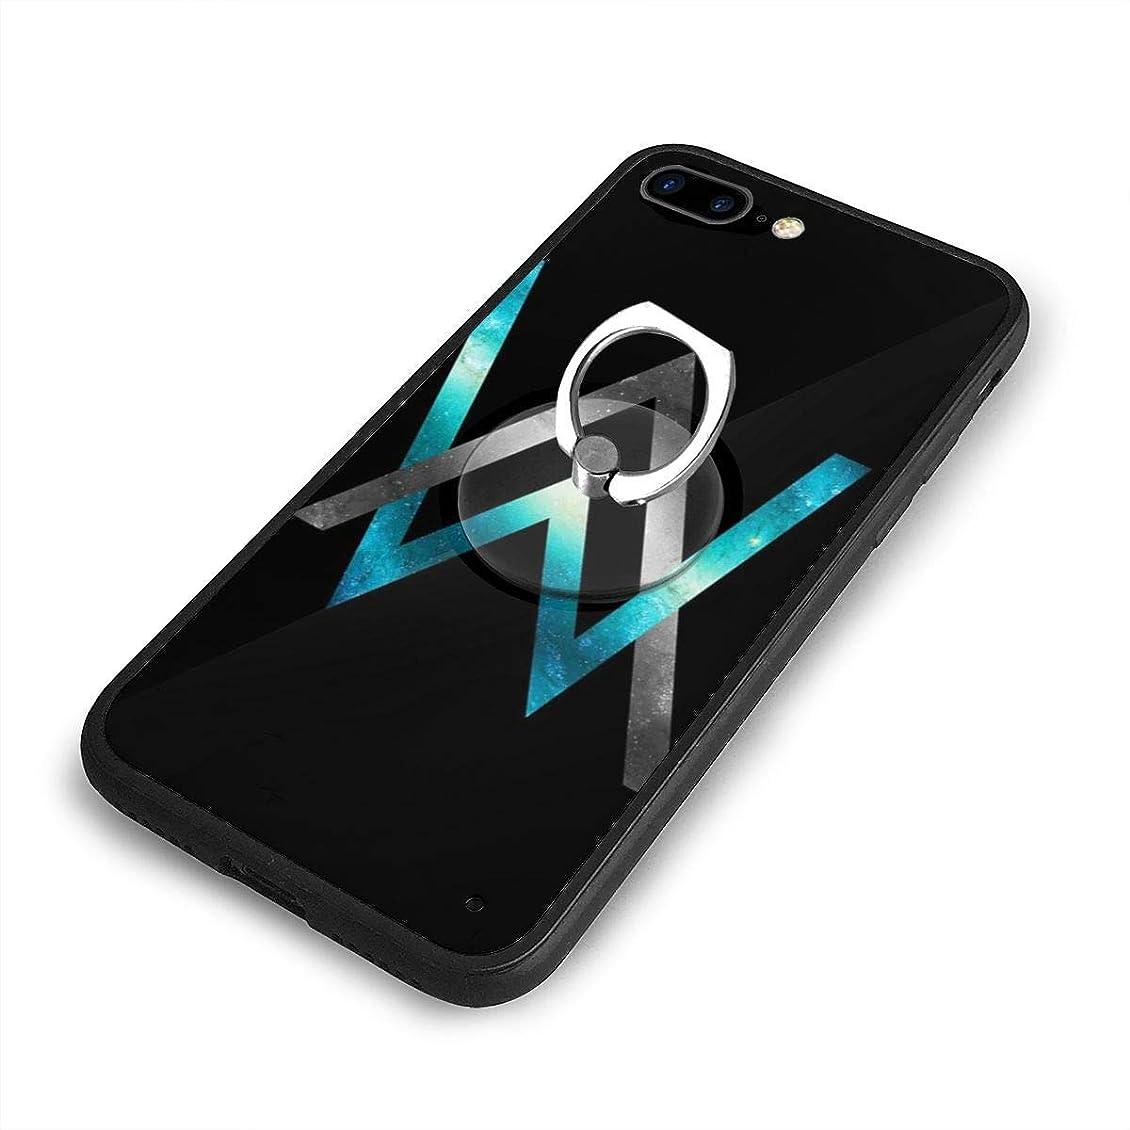 吸う降下系譜アレンウォーカーiPhone 7/8 Plusケースリングブラケット 携帯カバー 創意デザイン軽量 傷つけ防止 360°回転ブラケット 携帯ケース PC 衝撃防止 全面保護